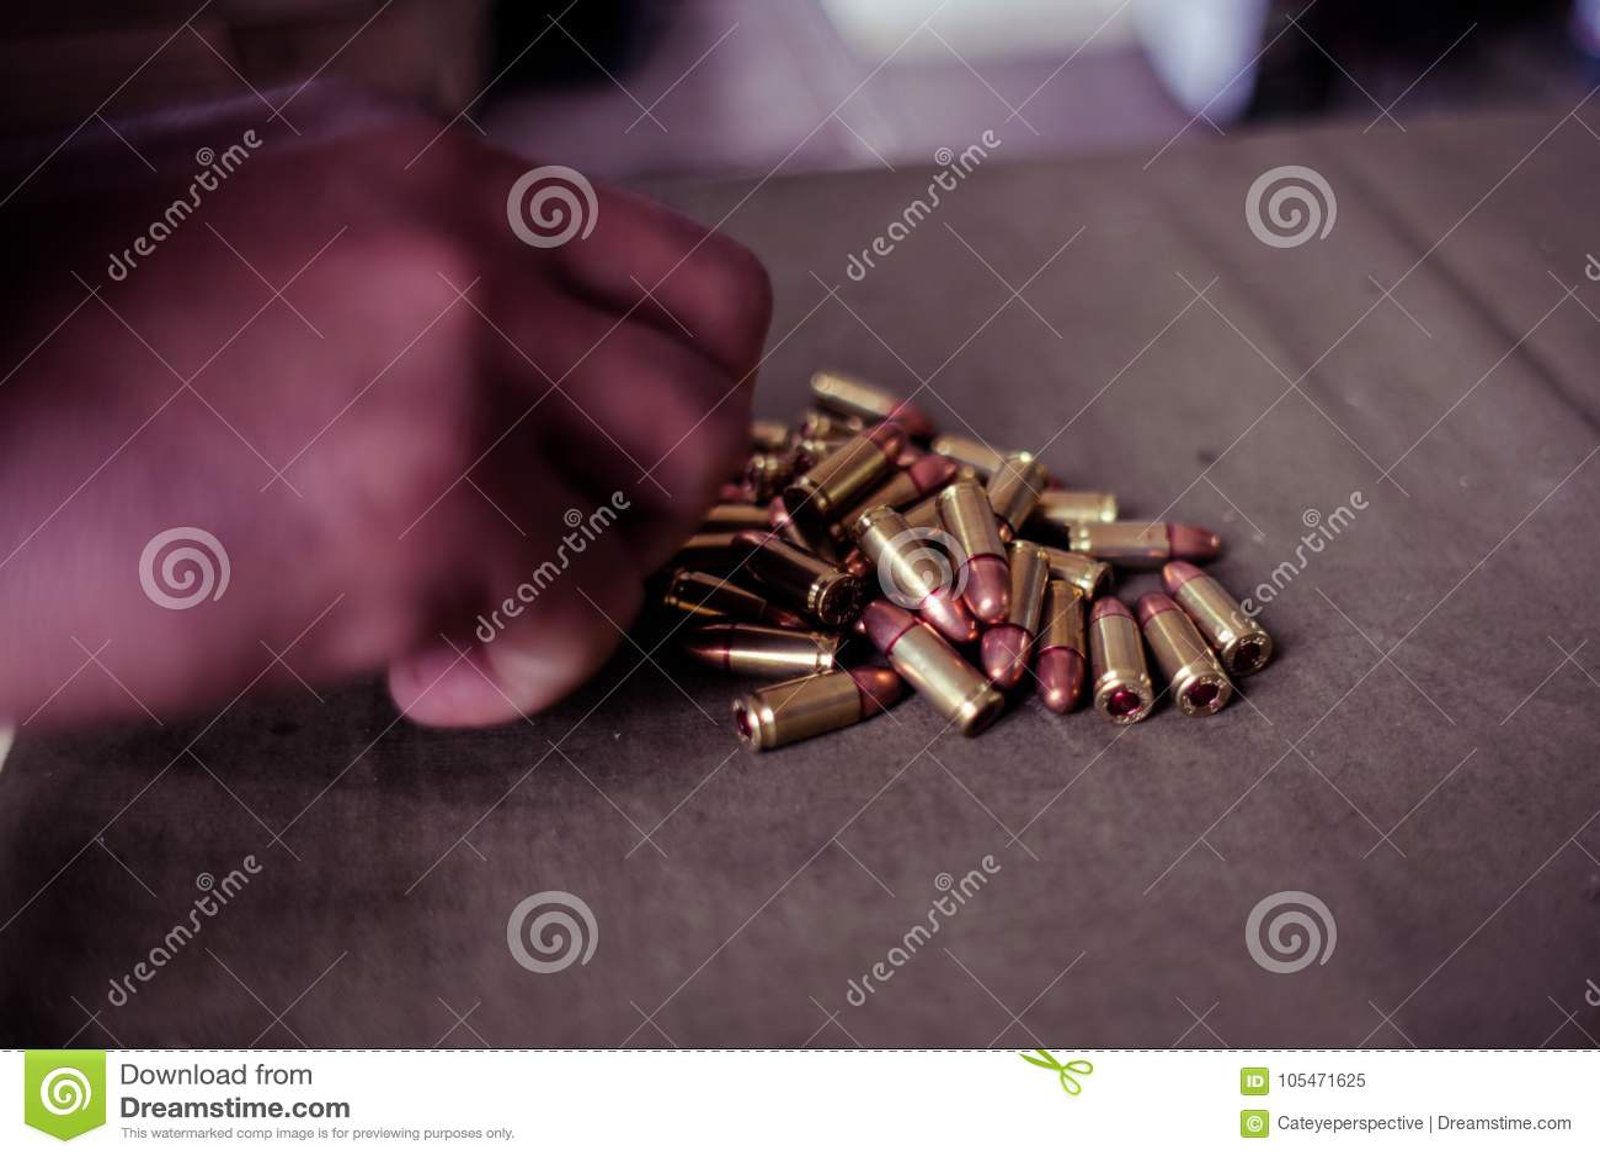 Soldat chargeant une cartouche de calibre de 9mm